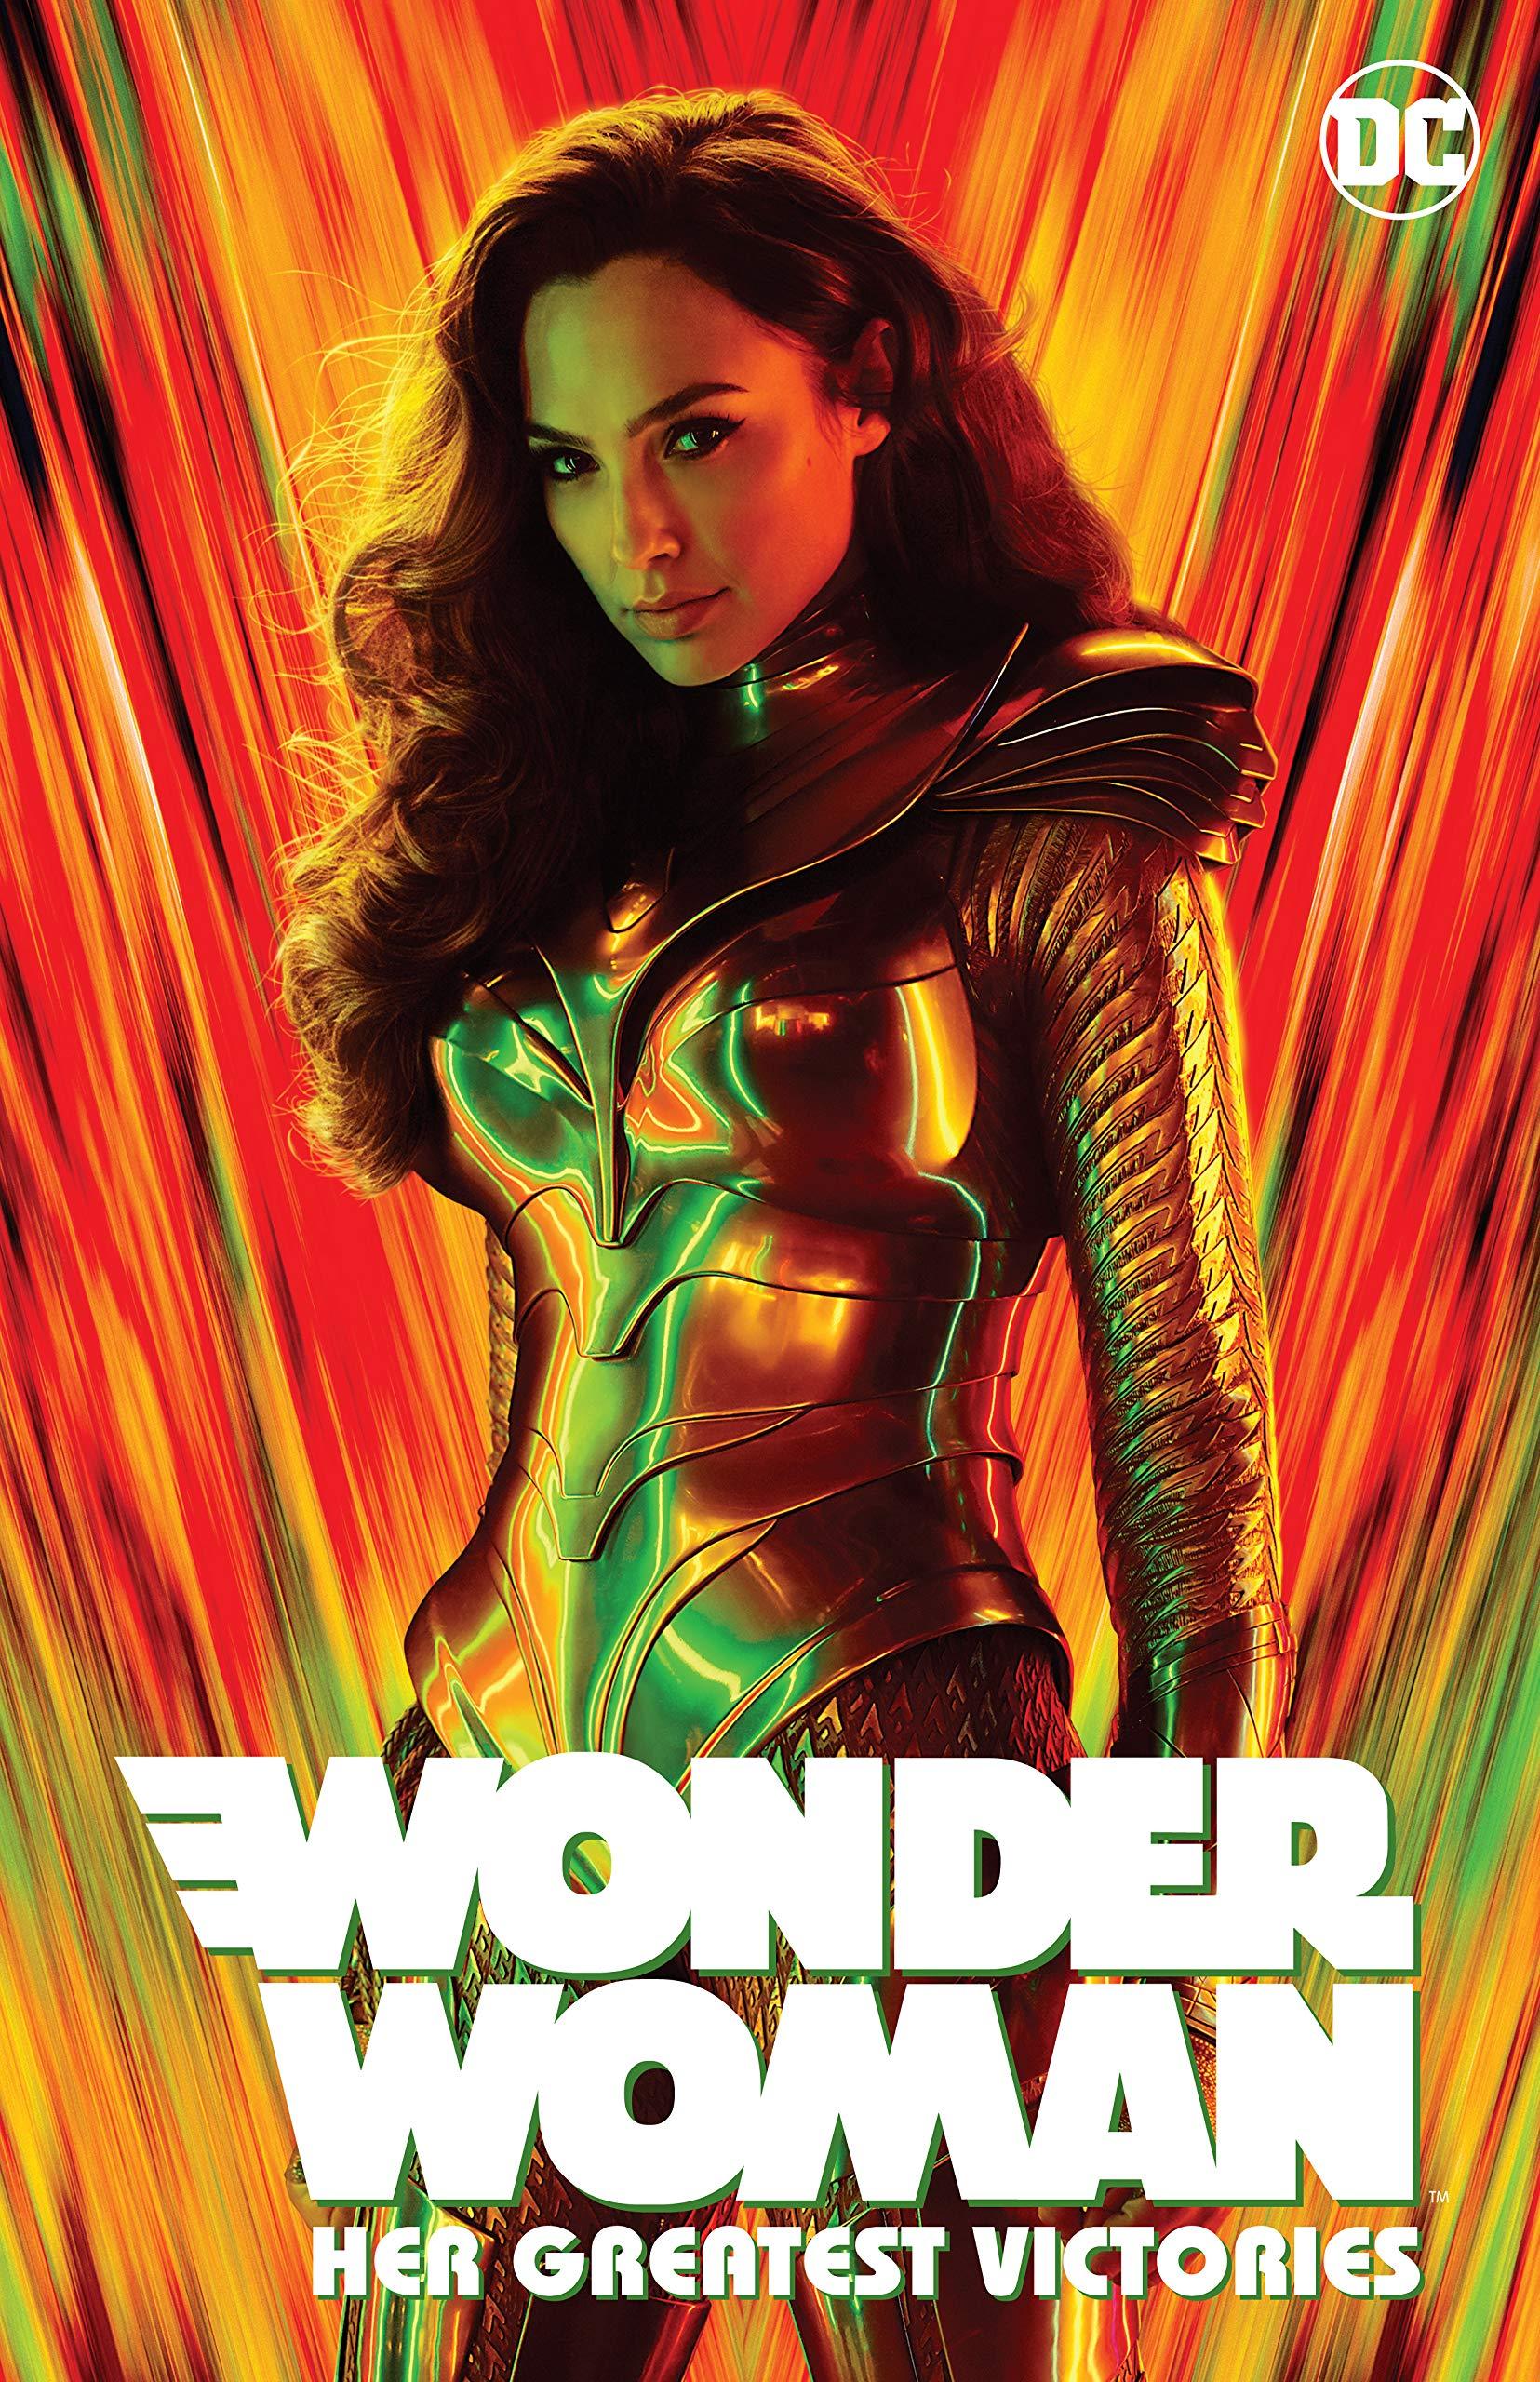 Wonder Woman: Her Greatest Victories (Wonder Woman 1984)